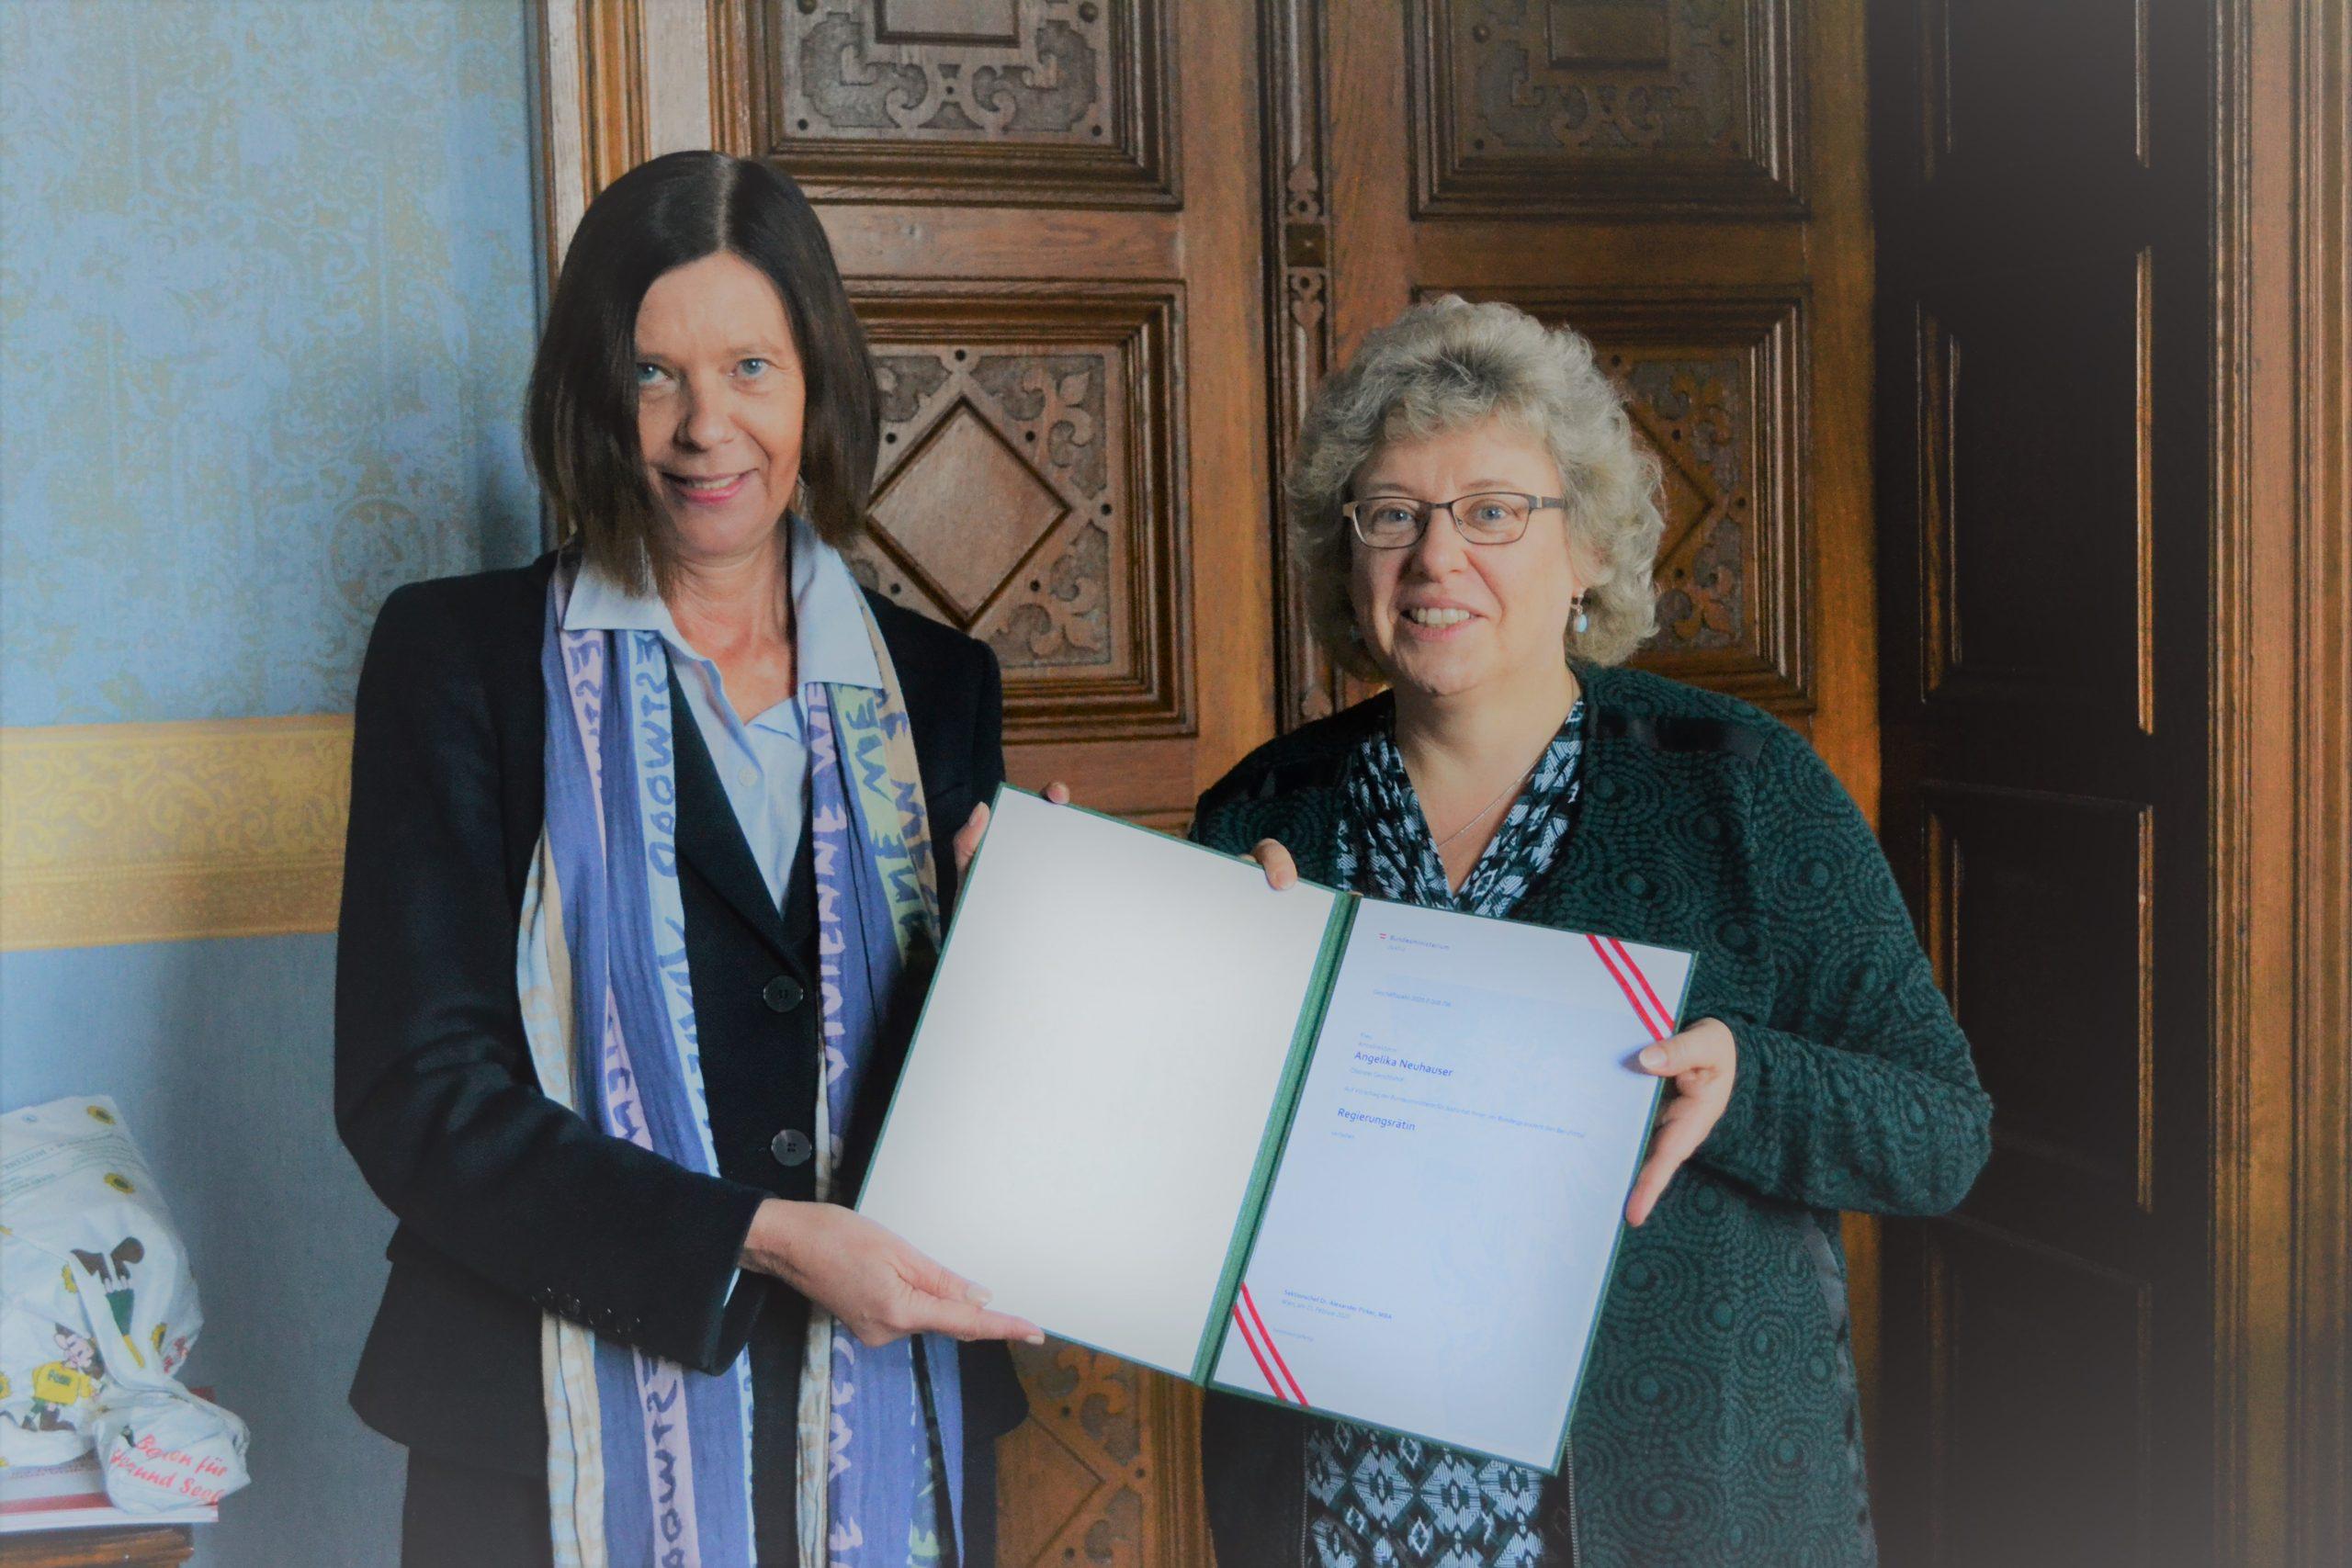 Hon.-Prof. Dr. Elisabeth Lovrek überreicht das Ernennungsdekret an Angelika Neuhauser.